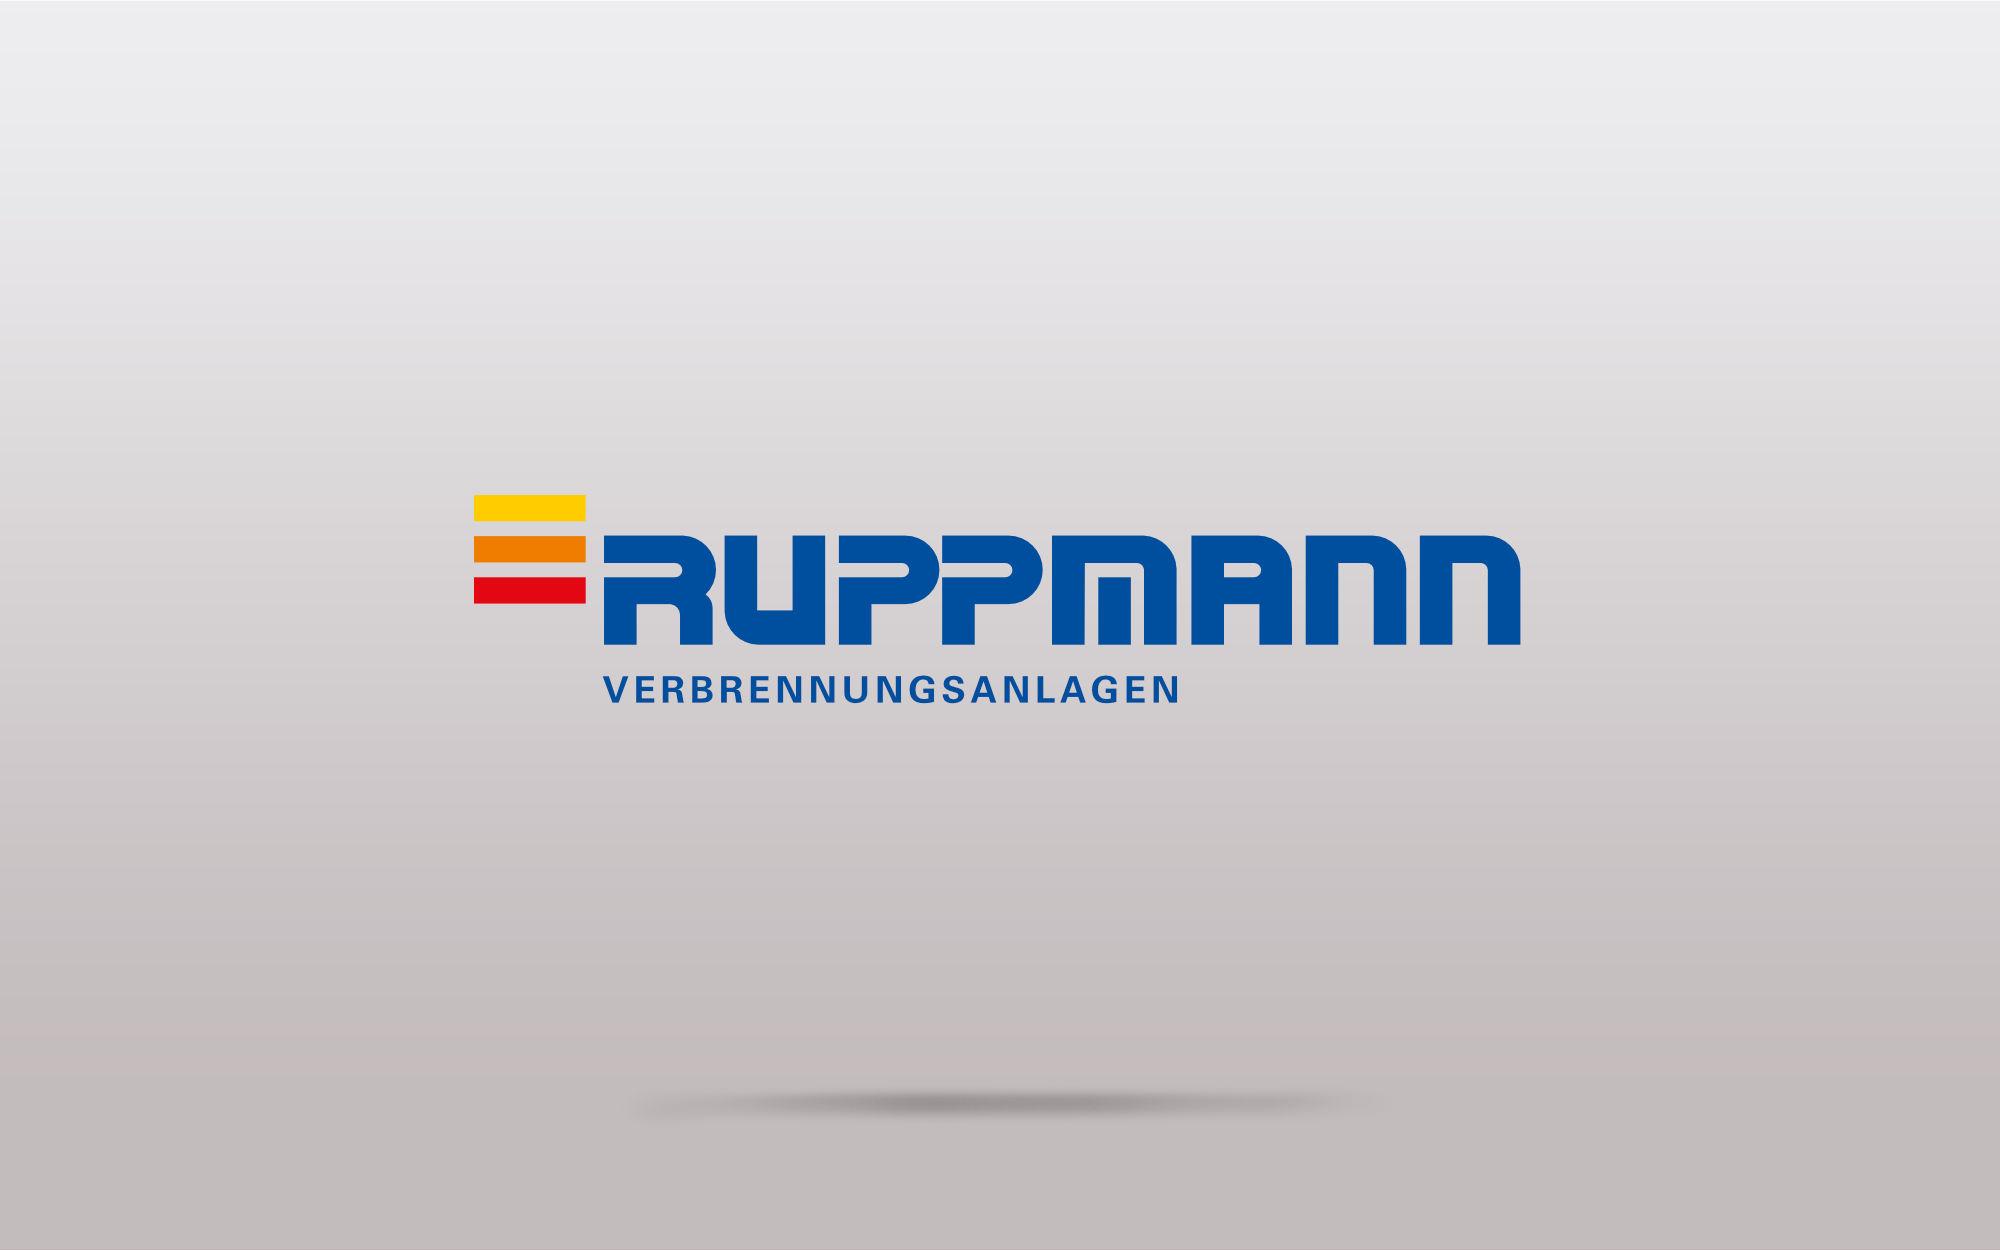 Ruppmann – Relaunch Firmenauftritt